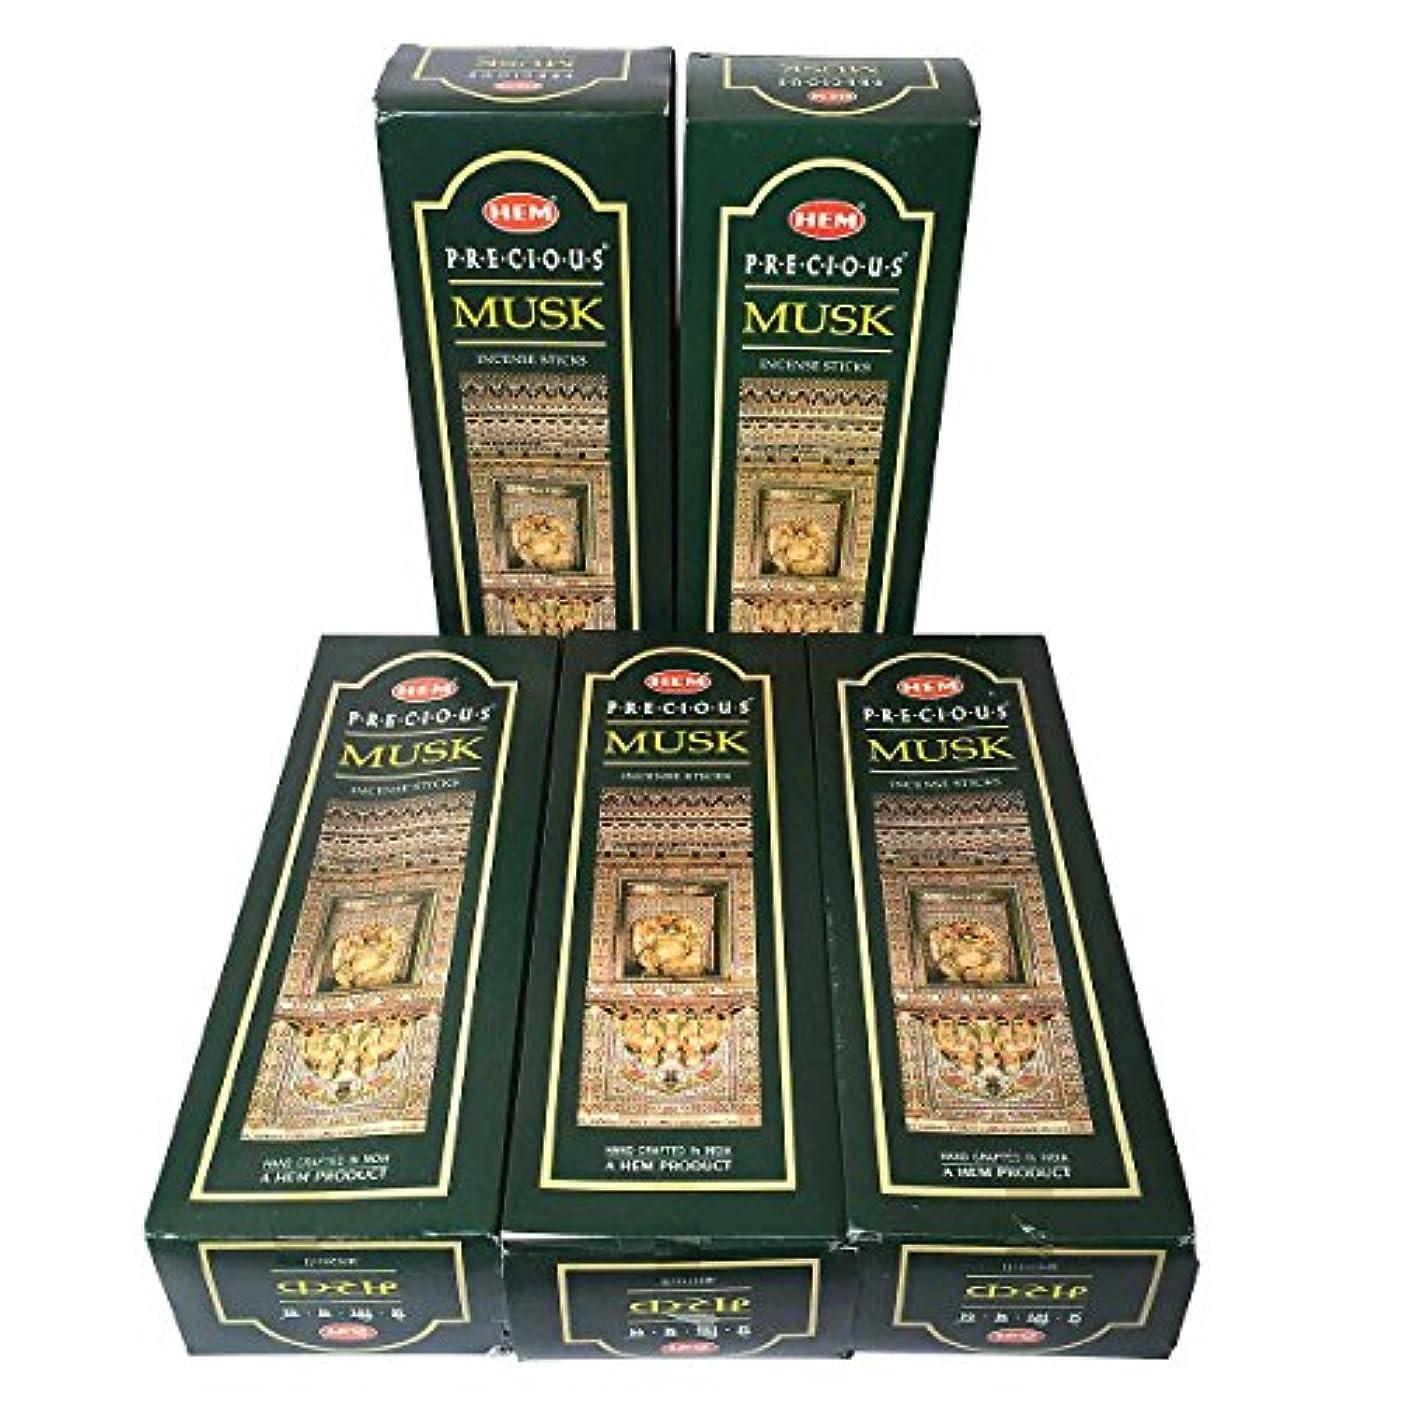 学士不健康フィクションHEM プレシャスムスク香 スティック 5BOX(30箱)/HEM PRECIOUS MUSK// インド香 / 送料無料 [並行輸入品]